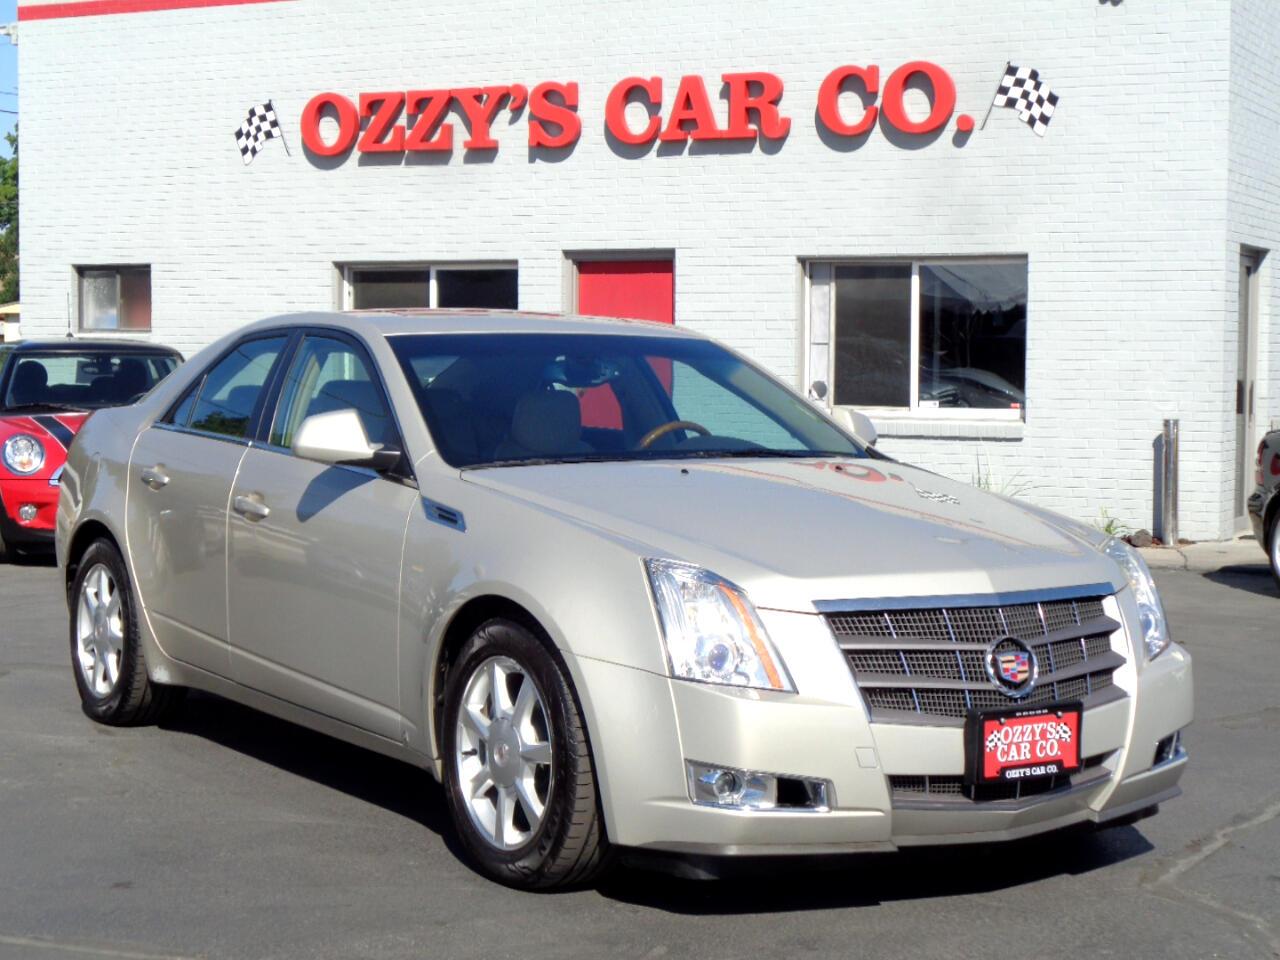 2008 Cadillac CTS 4dr Sdn RWD w/1SB